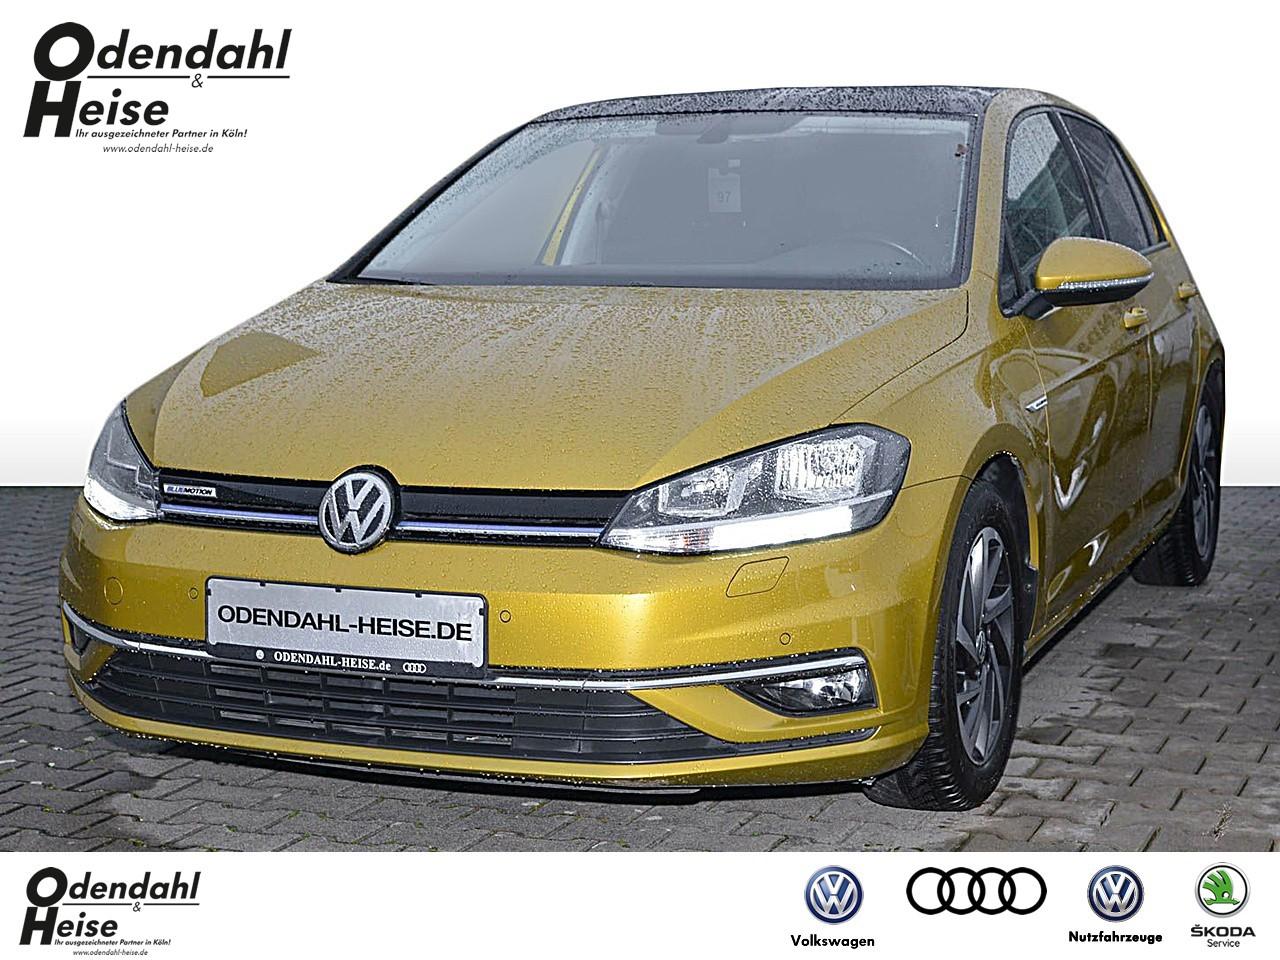 Volkswagen Golf VII 1,5 l TSI SOUND Comfortline Klima Navi, Jahr 2018, Benzin